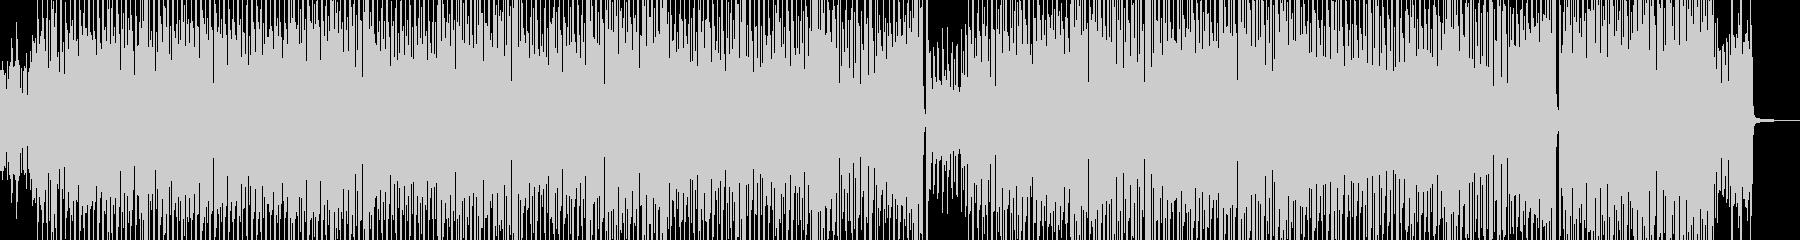 心弾むディズニー風テクノポップ Aの未再生の波形